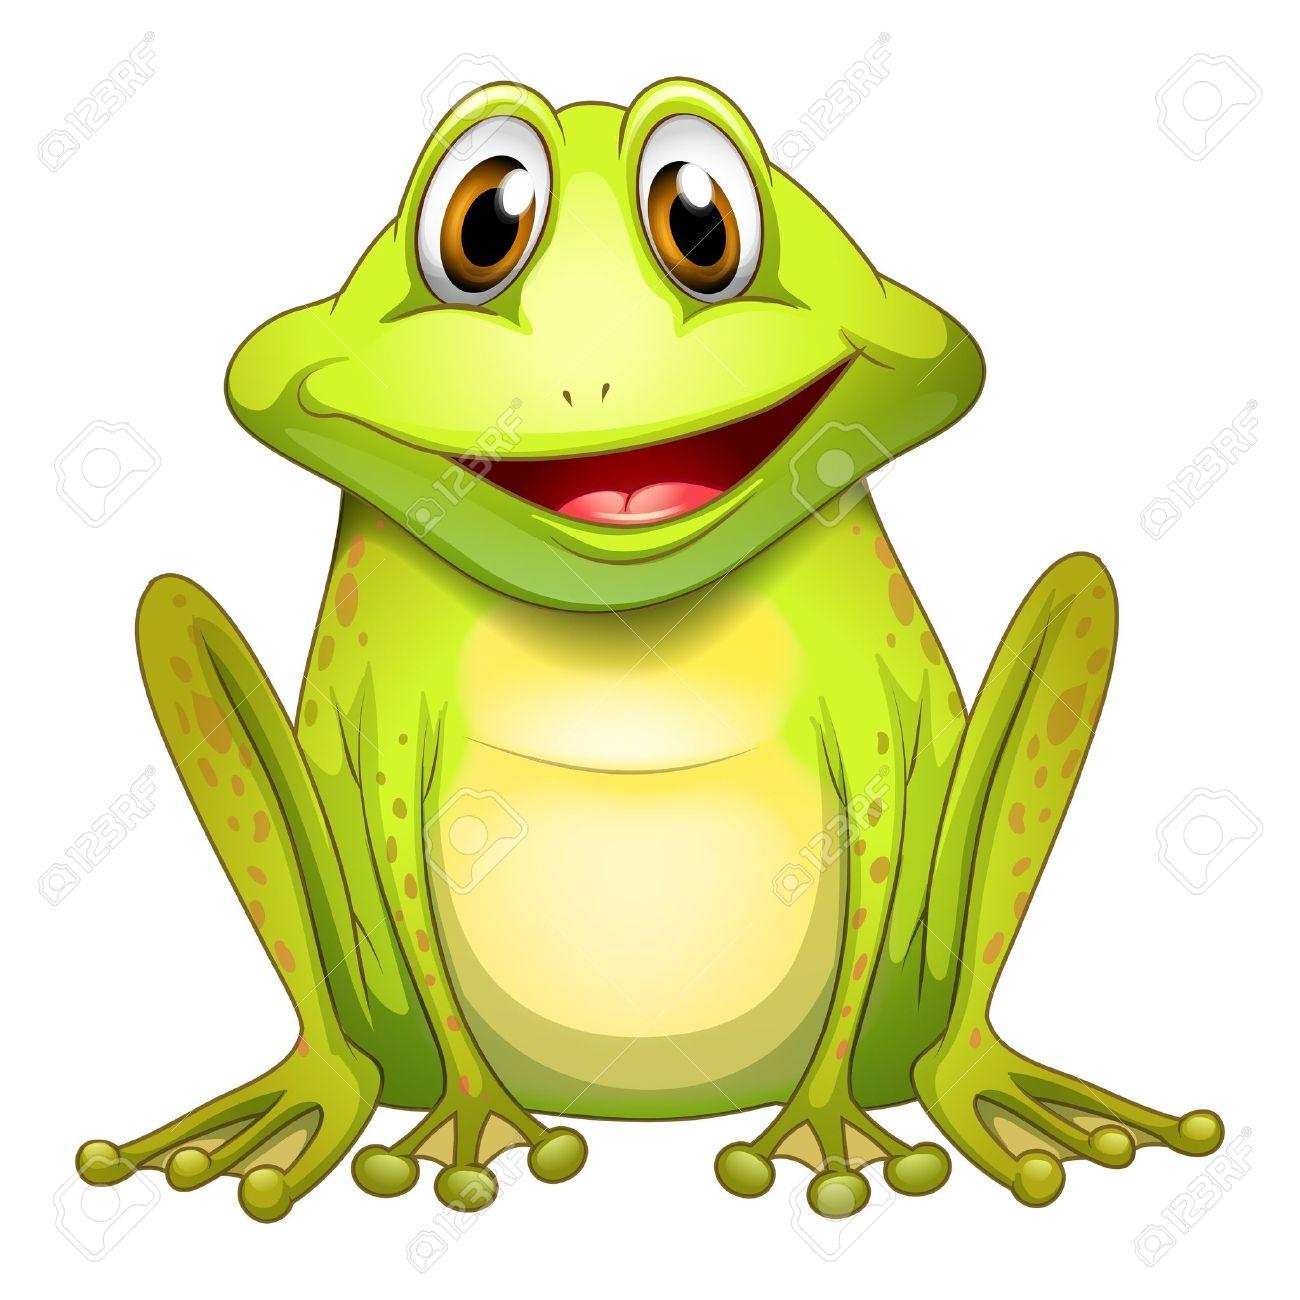 1300x1300 Cartoon Frog Stock Photos. Royalty Free Cartoon Frog Images